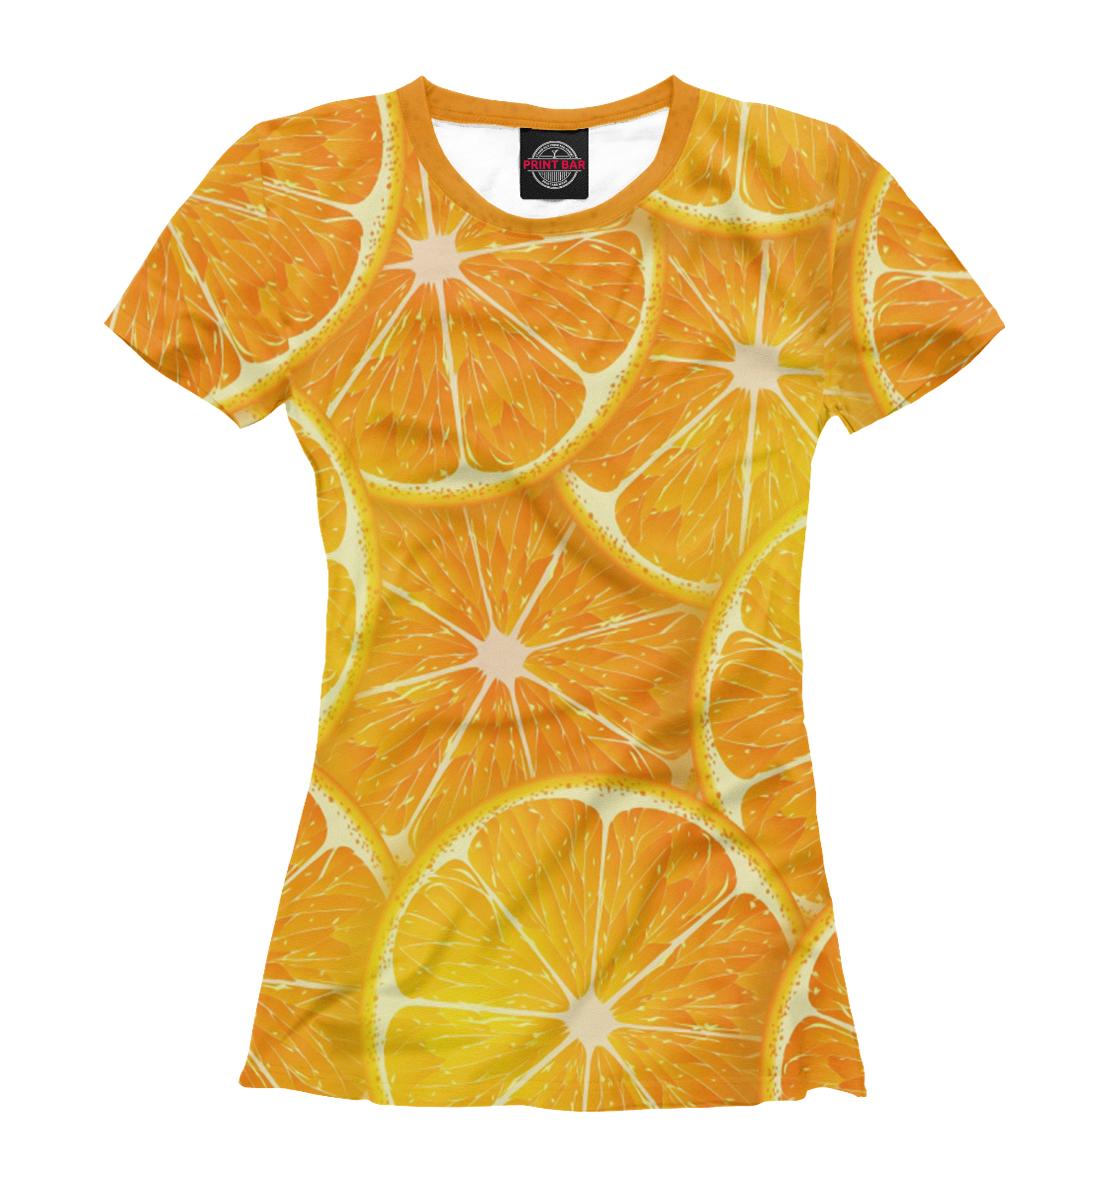 Купить Апельсины, Printbar, Футболки, EDA-704257-fut-1